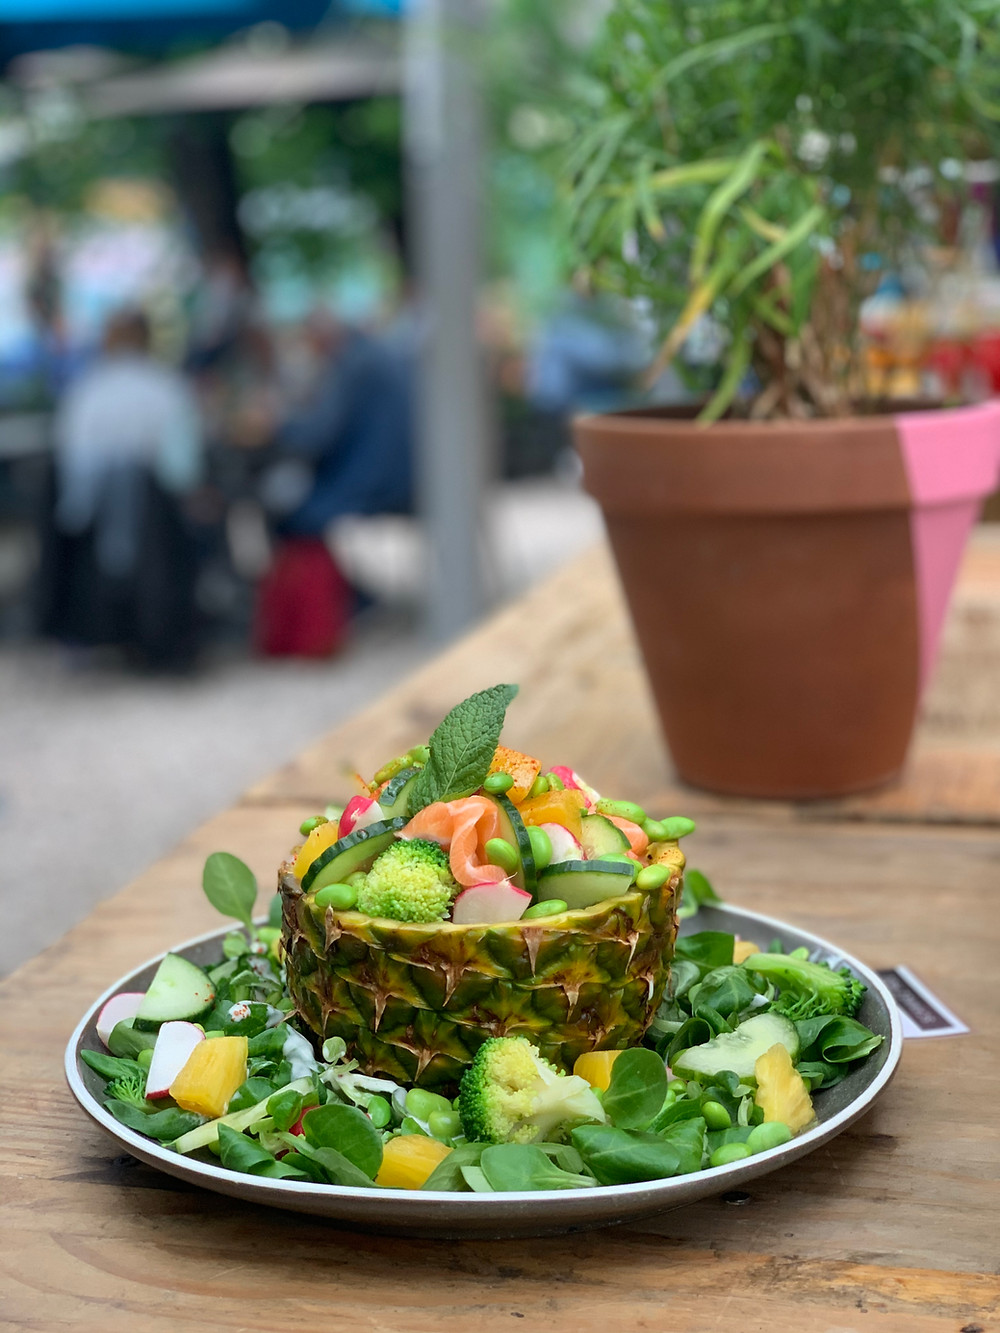 ananas-bowl-cafe-a-paris-france